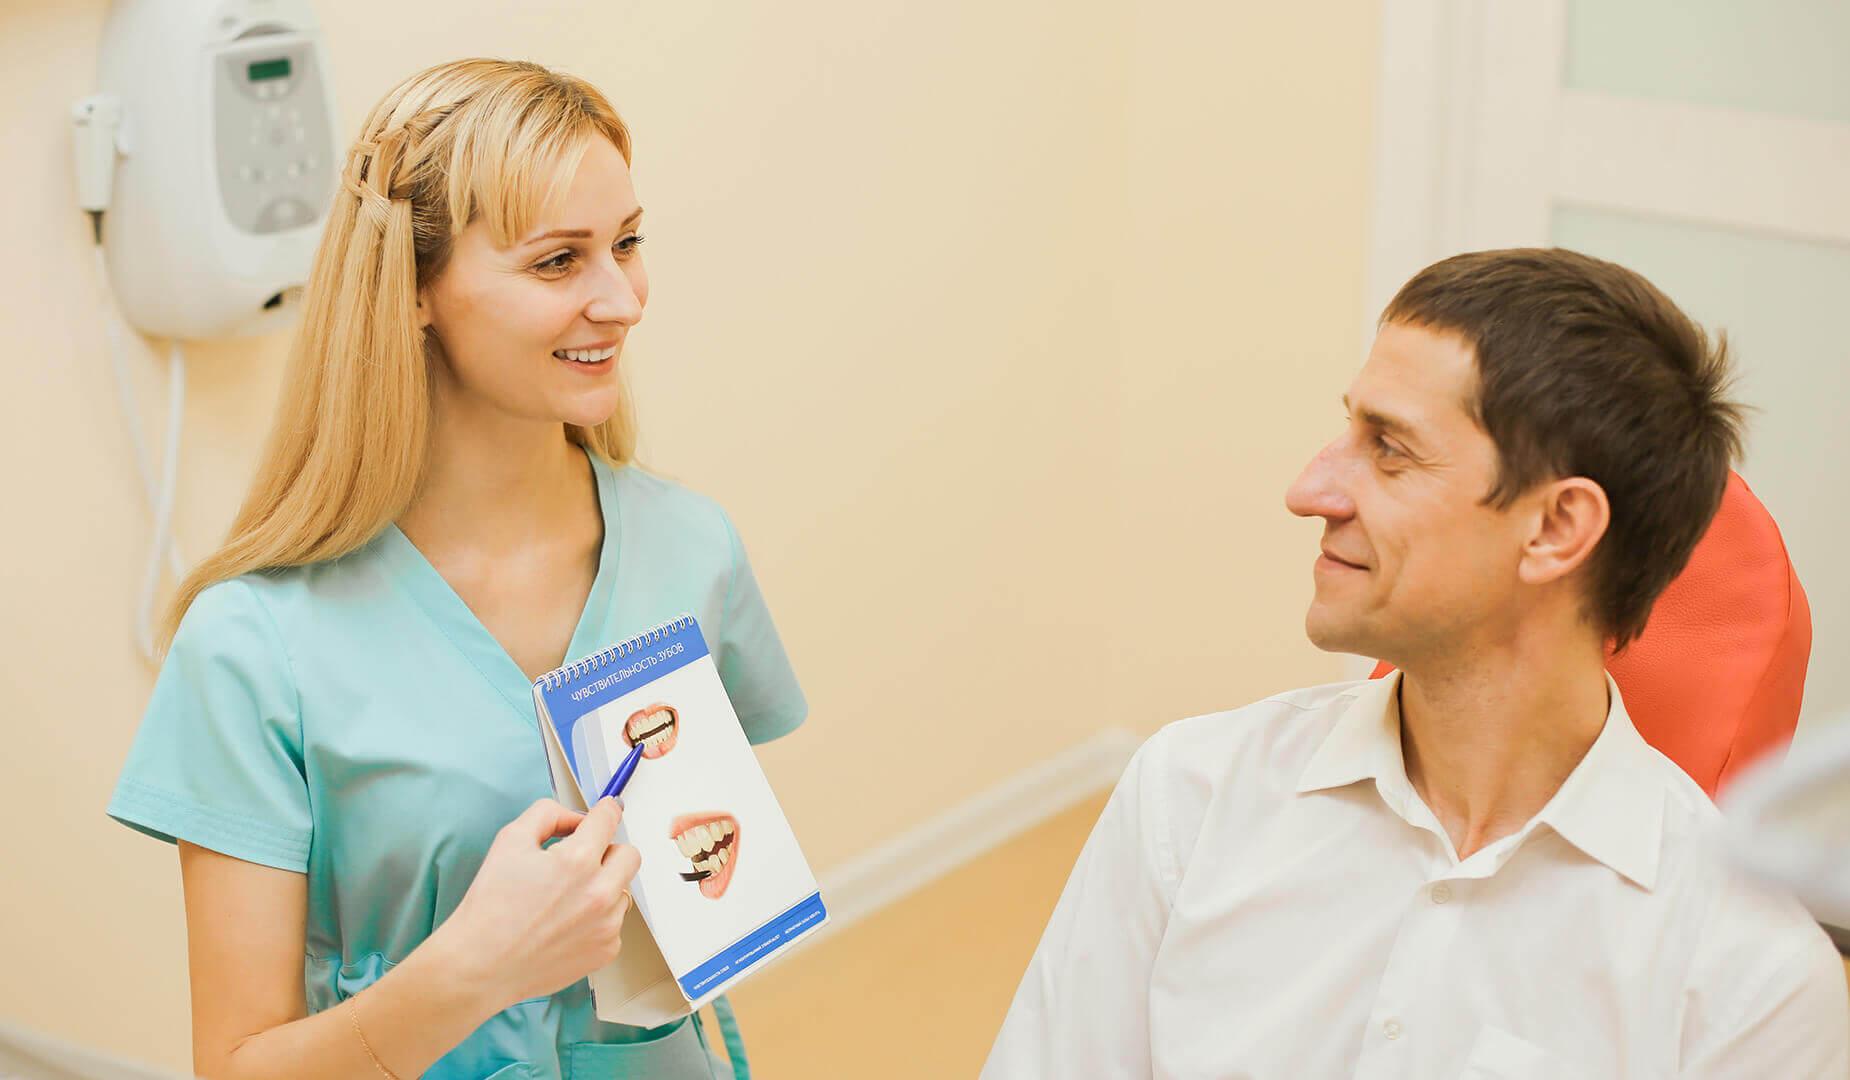 Врач рассказывает пациенту о процессе профгигиены